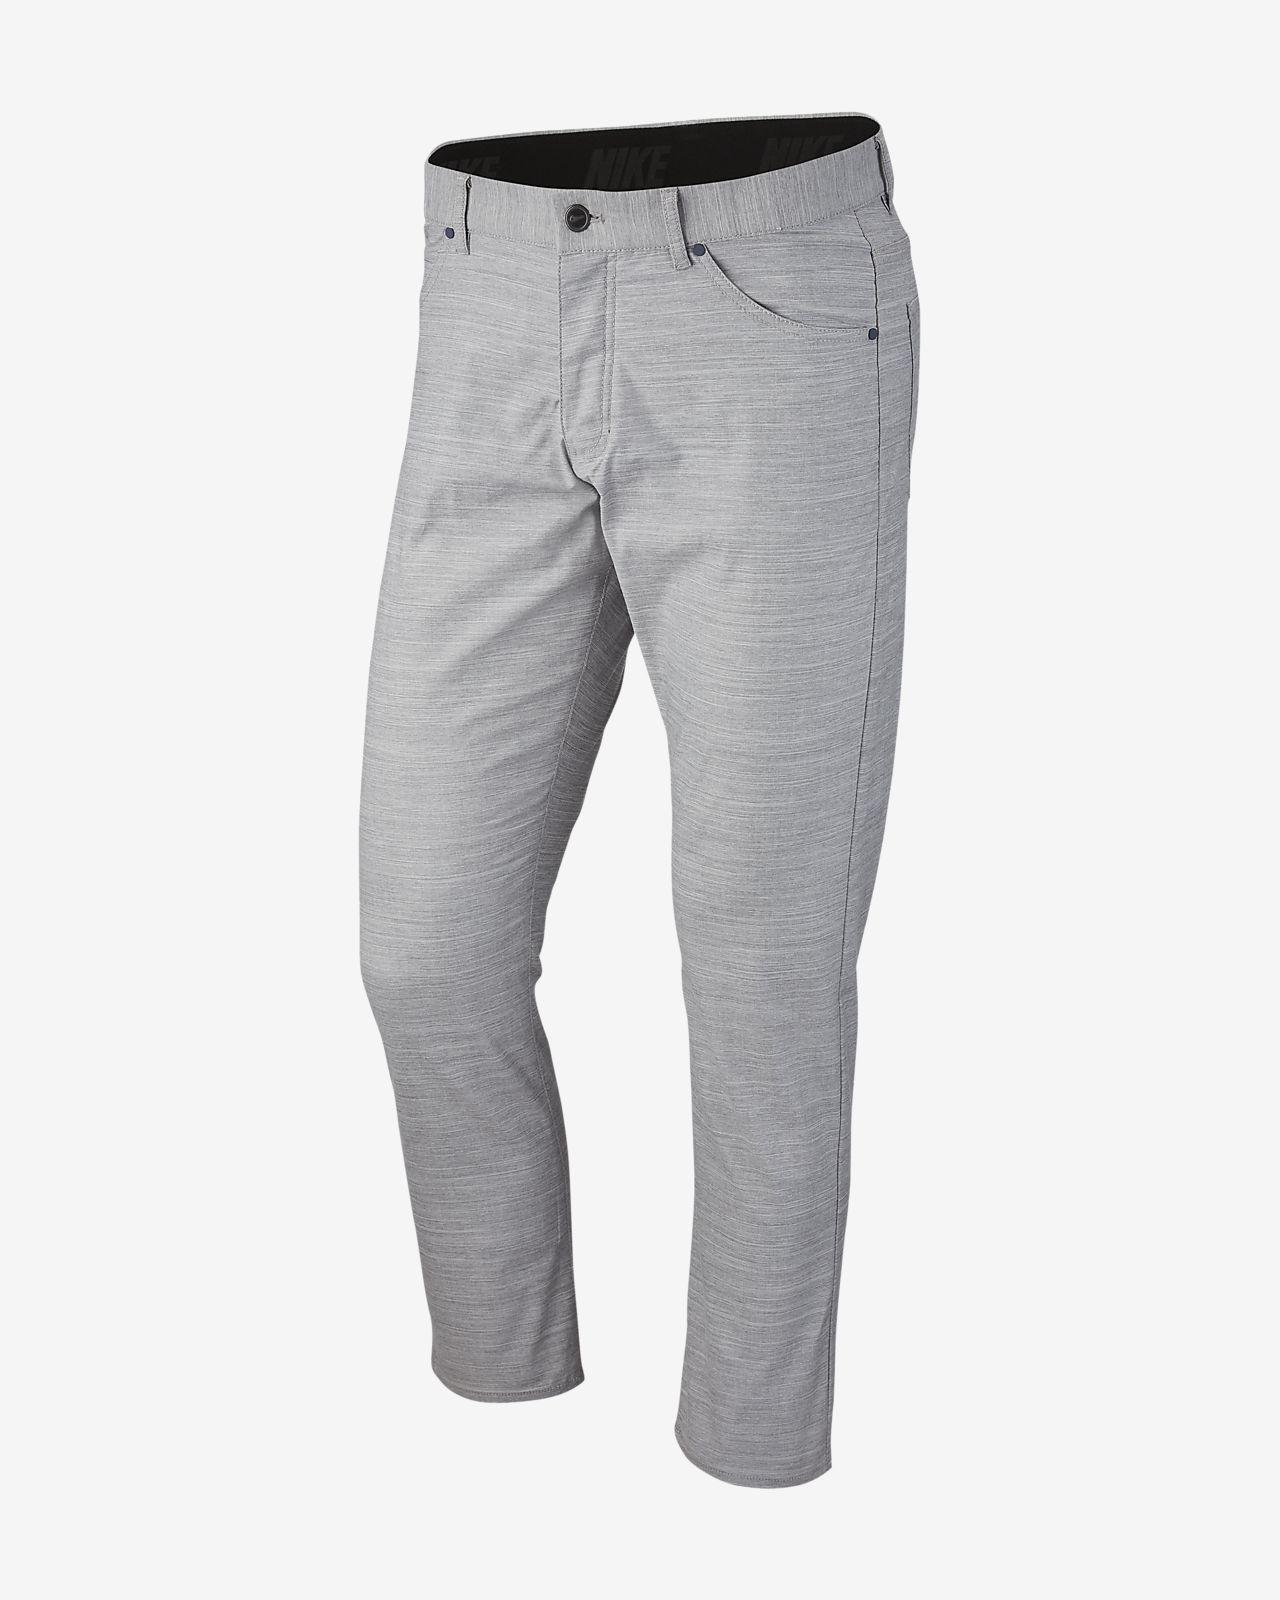 pantalon de golf coupe slim 5 poches nike flex pour homme ca. Black Bedroom Furniture Sets. Home Design Ideas